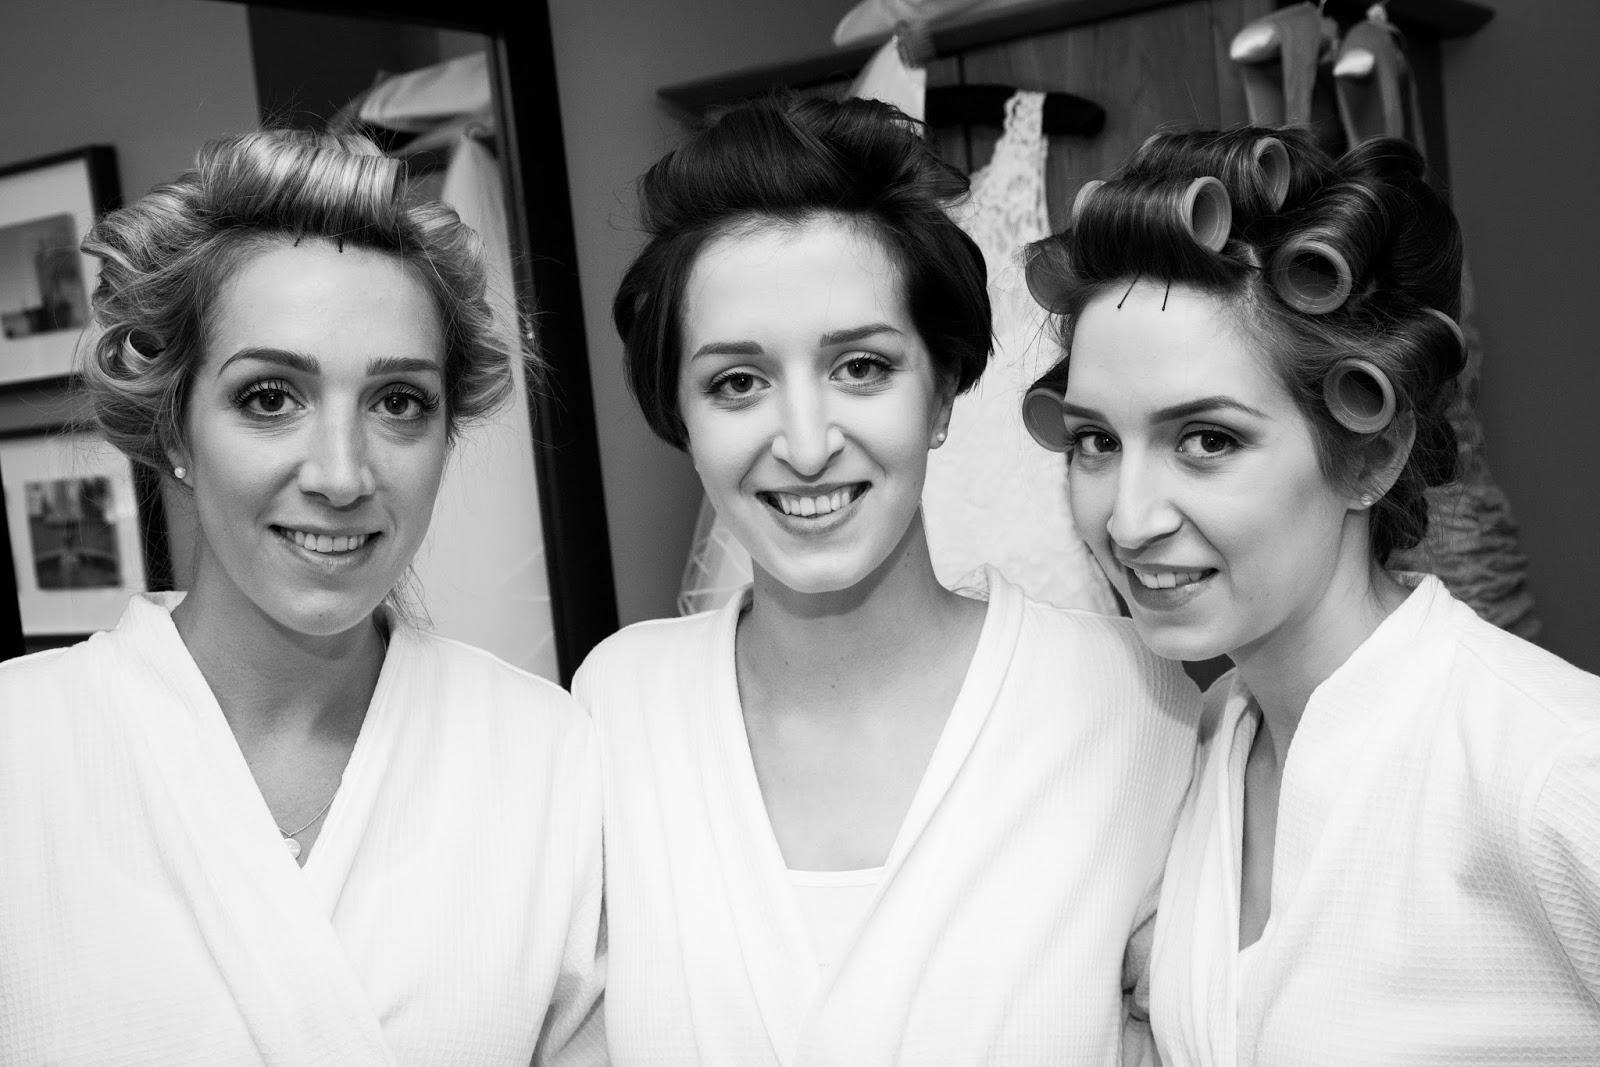 Morning wedding preparations, hair and make up, bridal hair, bridal make up.